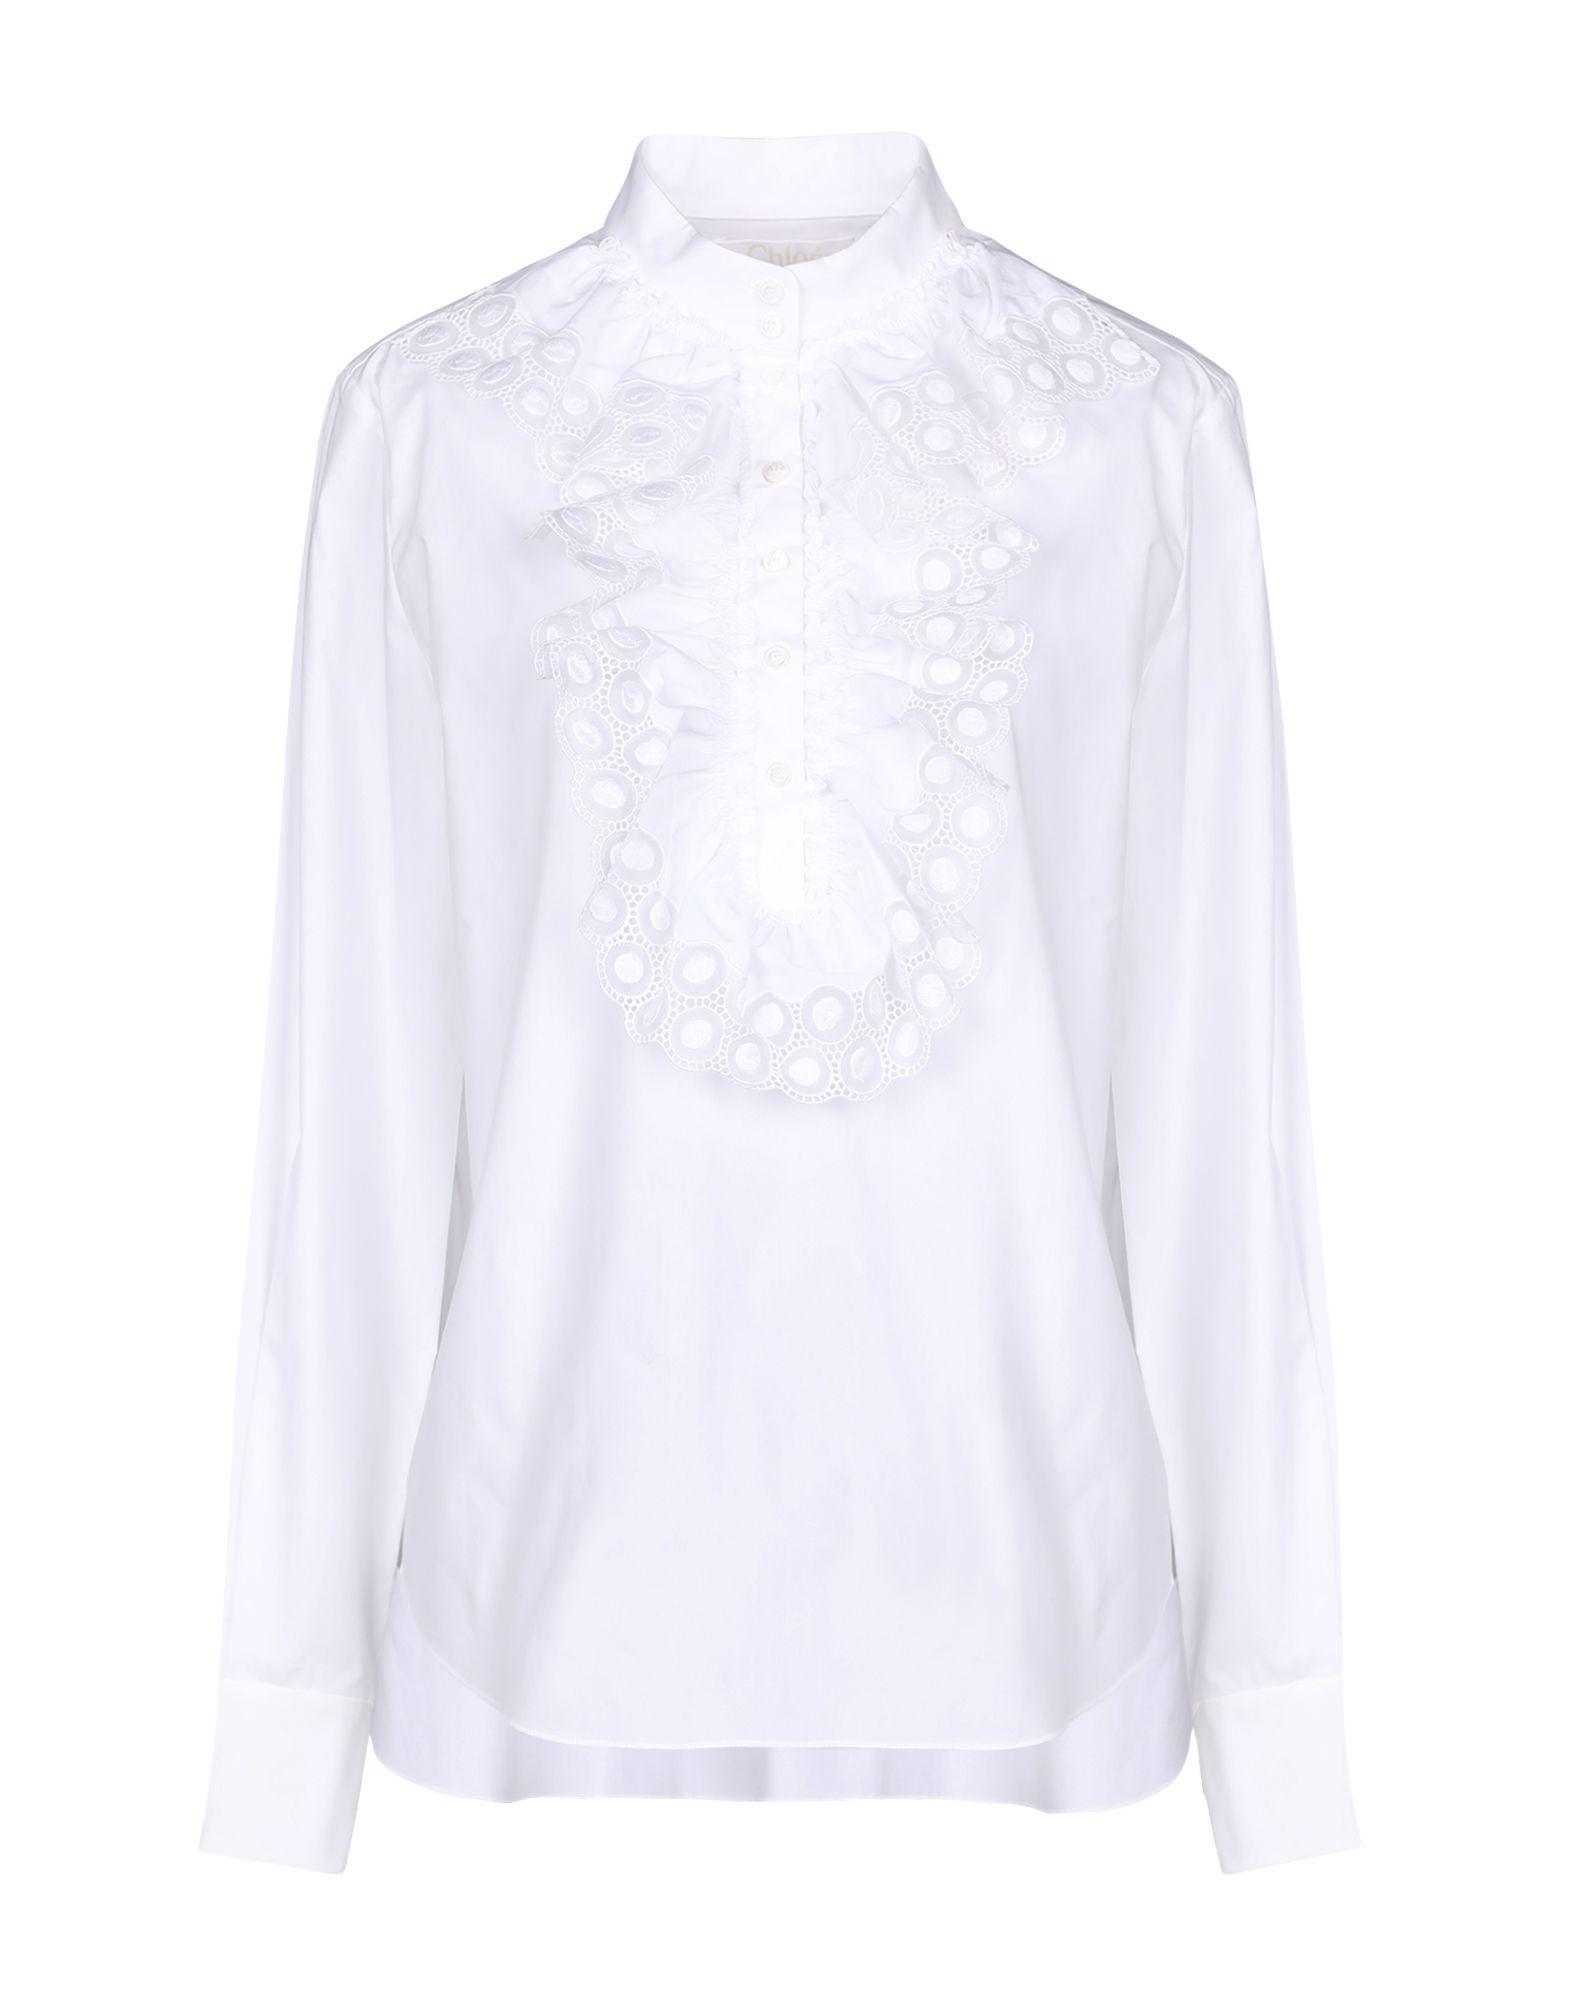 d7bc81b5b99c8 Chloé Shirt in White - Lyst